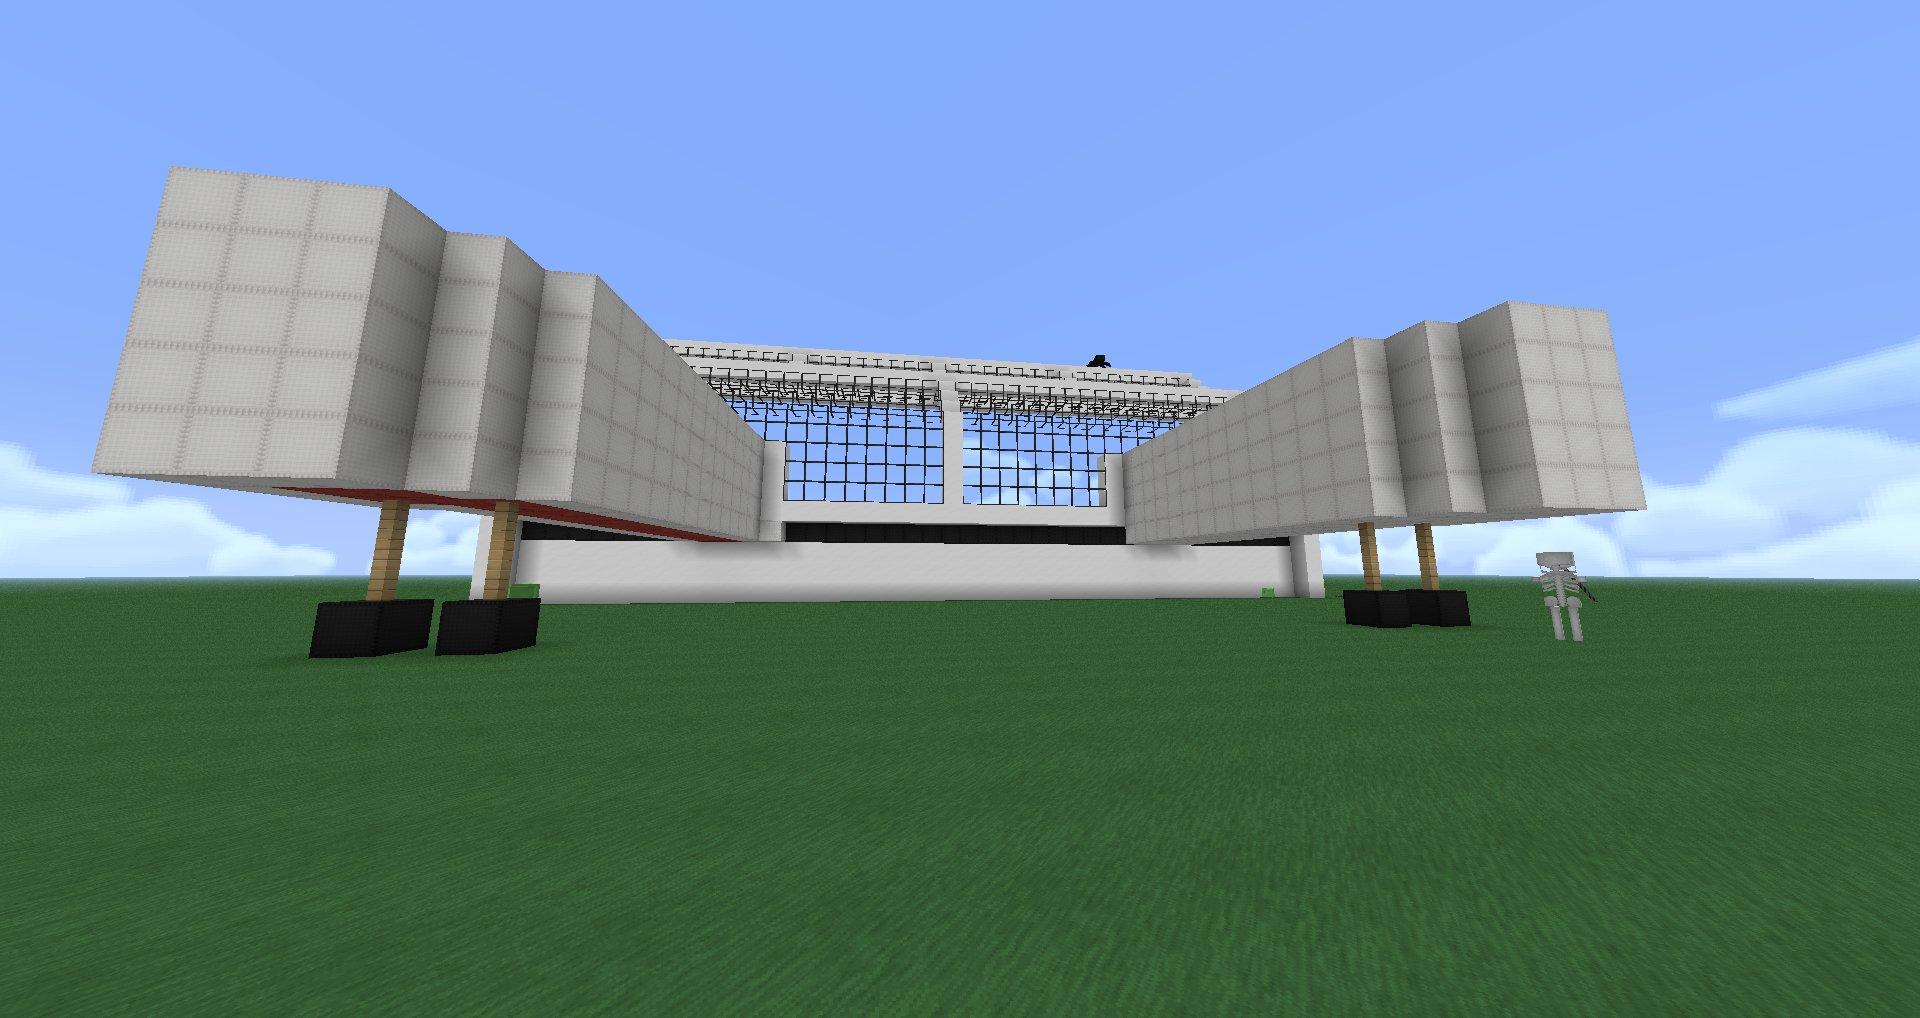 [PROJET] Aéroport International de Rodwin. - Page 3 F0c531db-593b-4b9e-9086-2041cddceed6